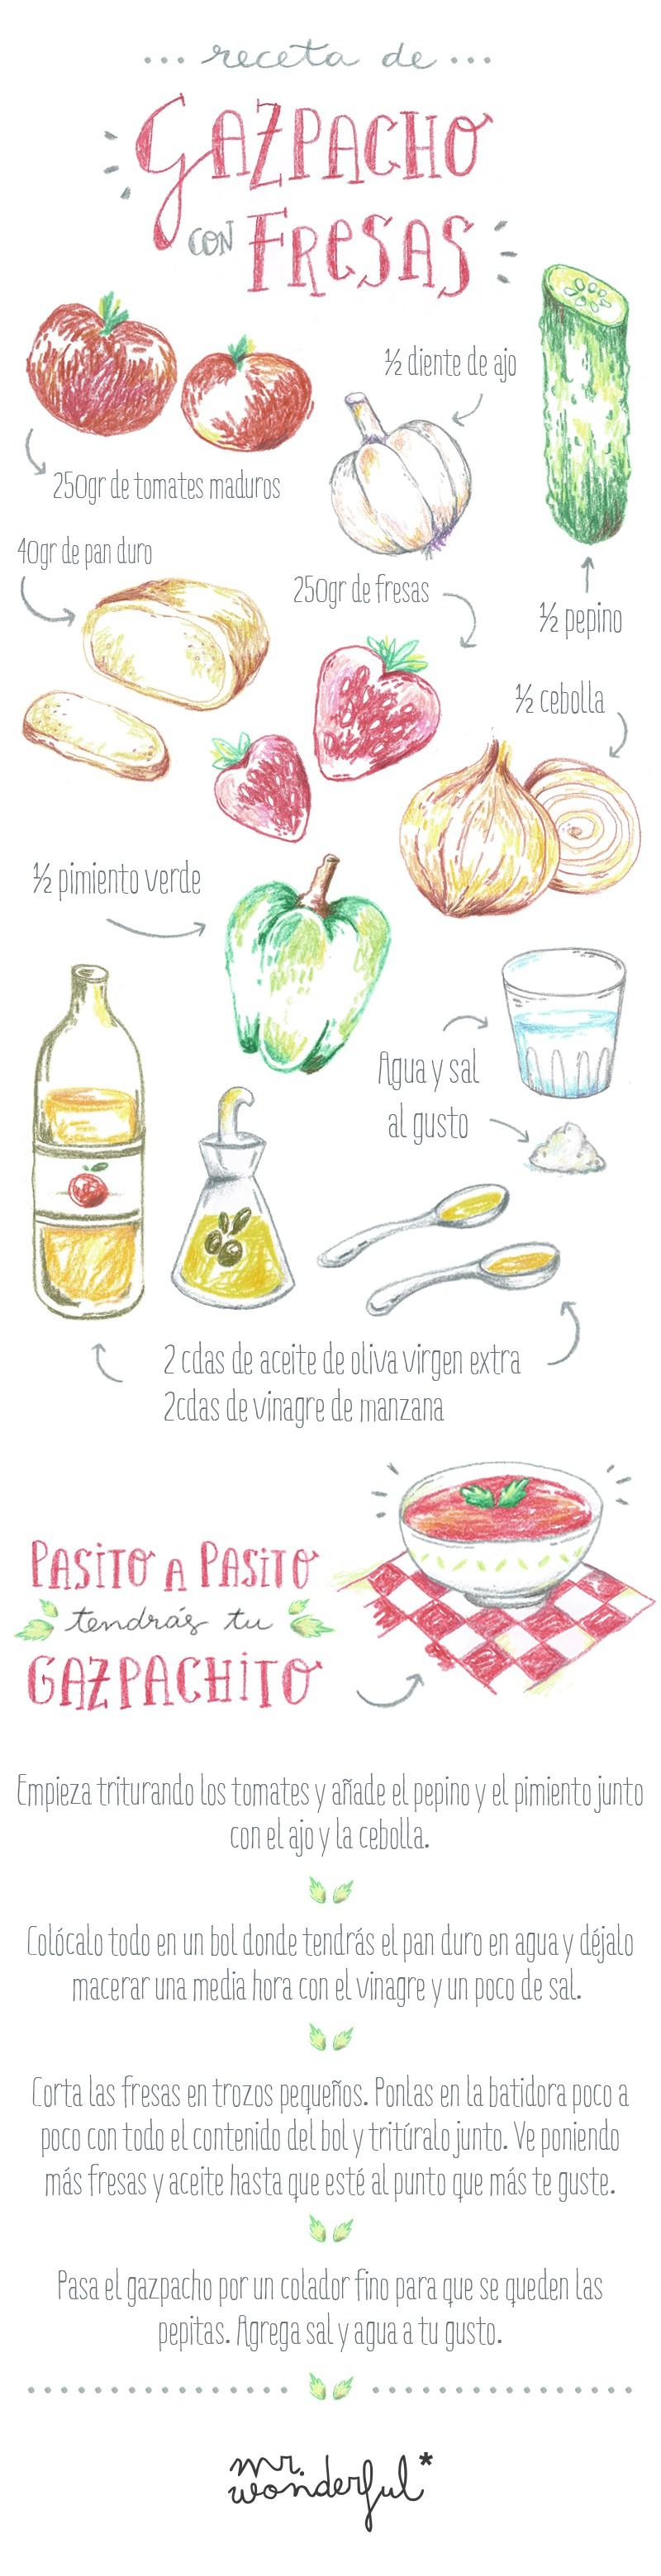 Receta de gazpacho con fresas, ¡adiós calor!